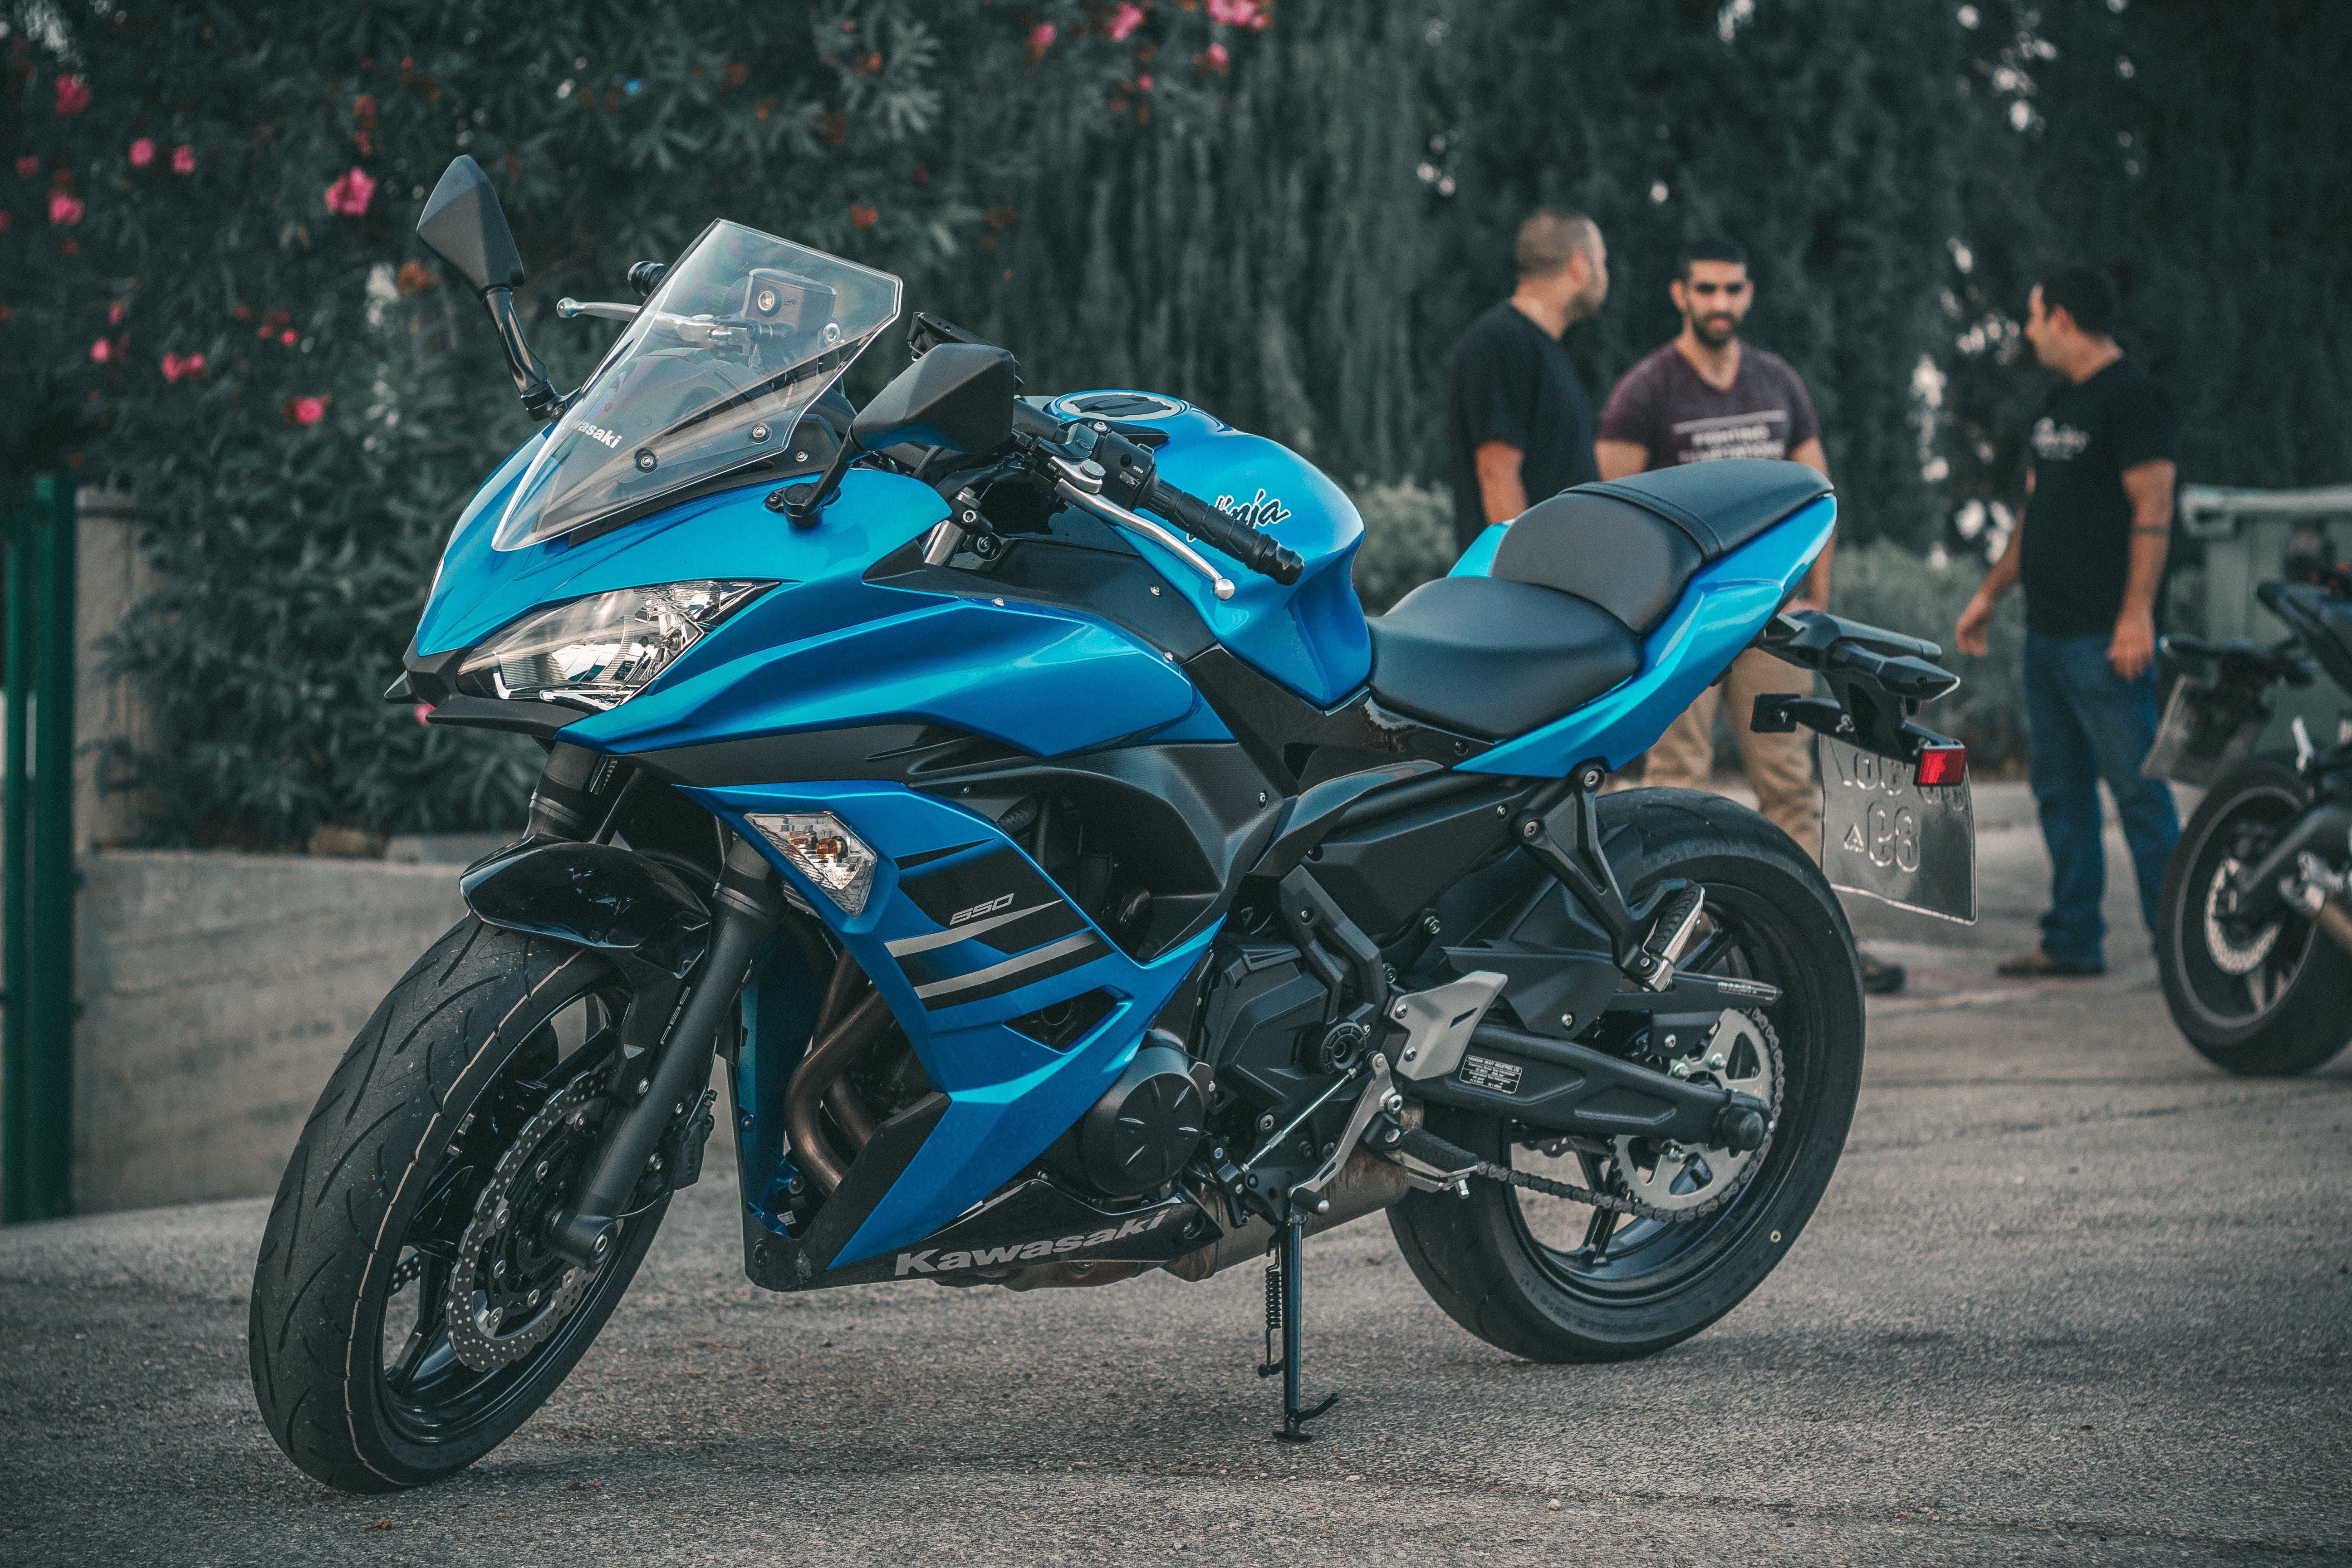 Blue Kawasaki Ninja Zx-6r in Shallow Phoo